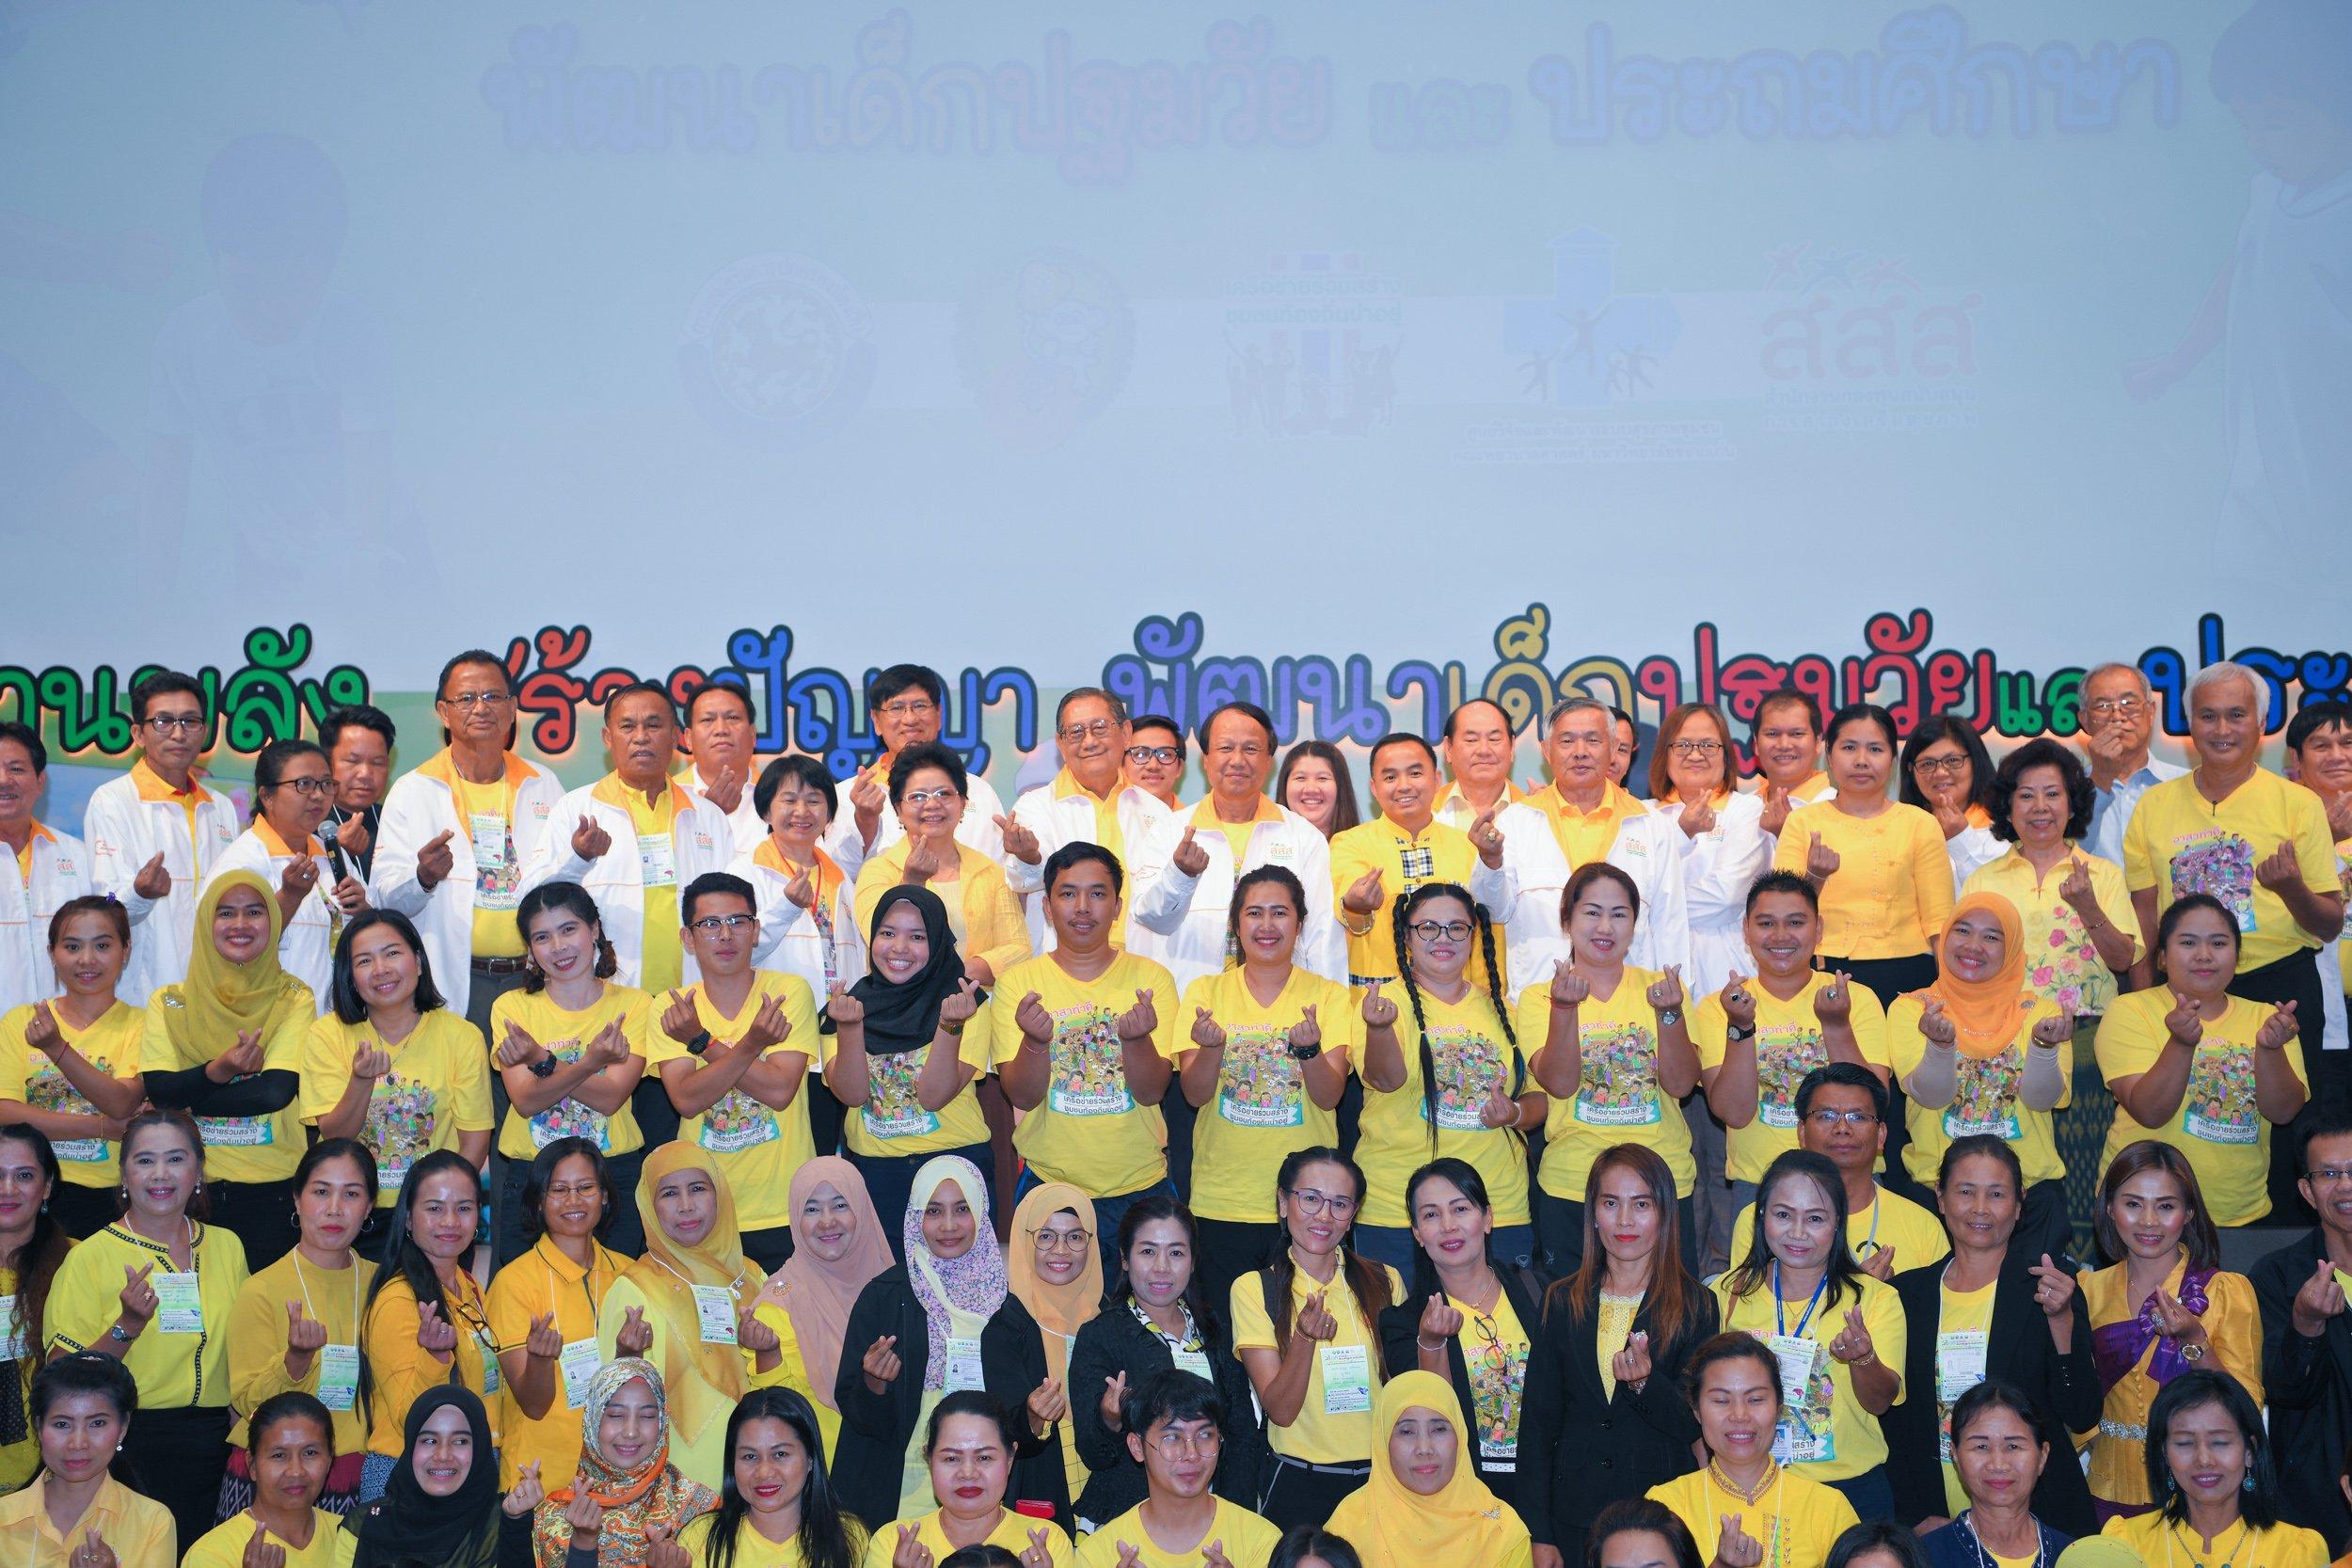 สร้างระบบดูแล 'เด็กปฐมวัย' โดยพลังชุมชนท้องถิ่น thaihealth